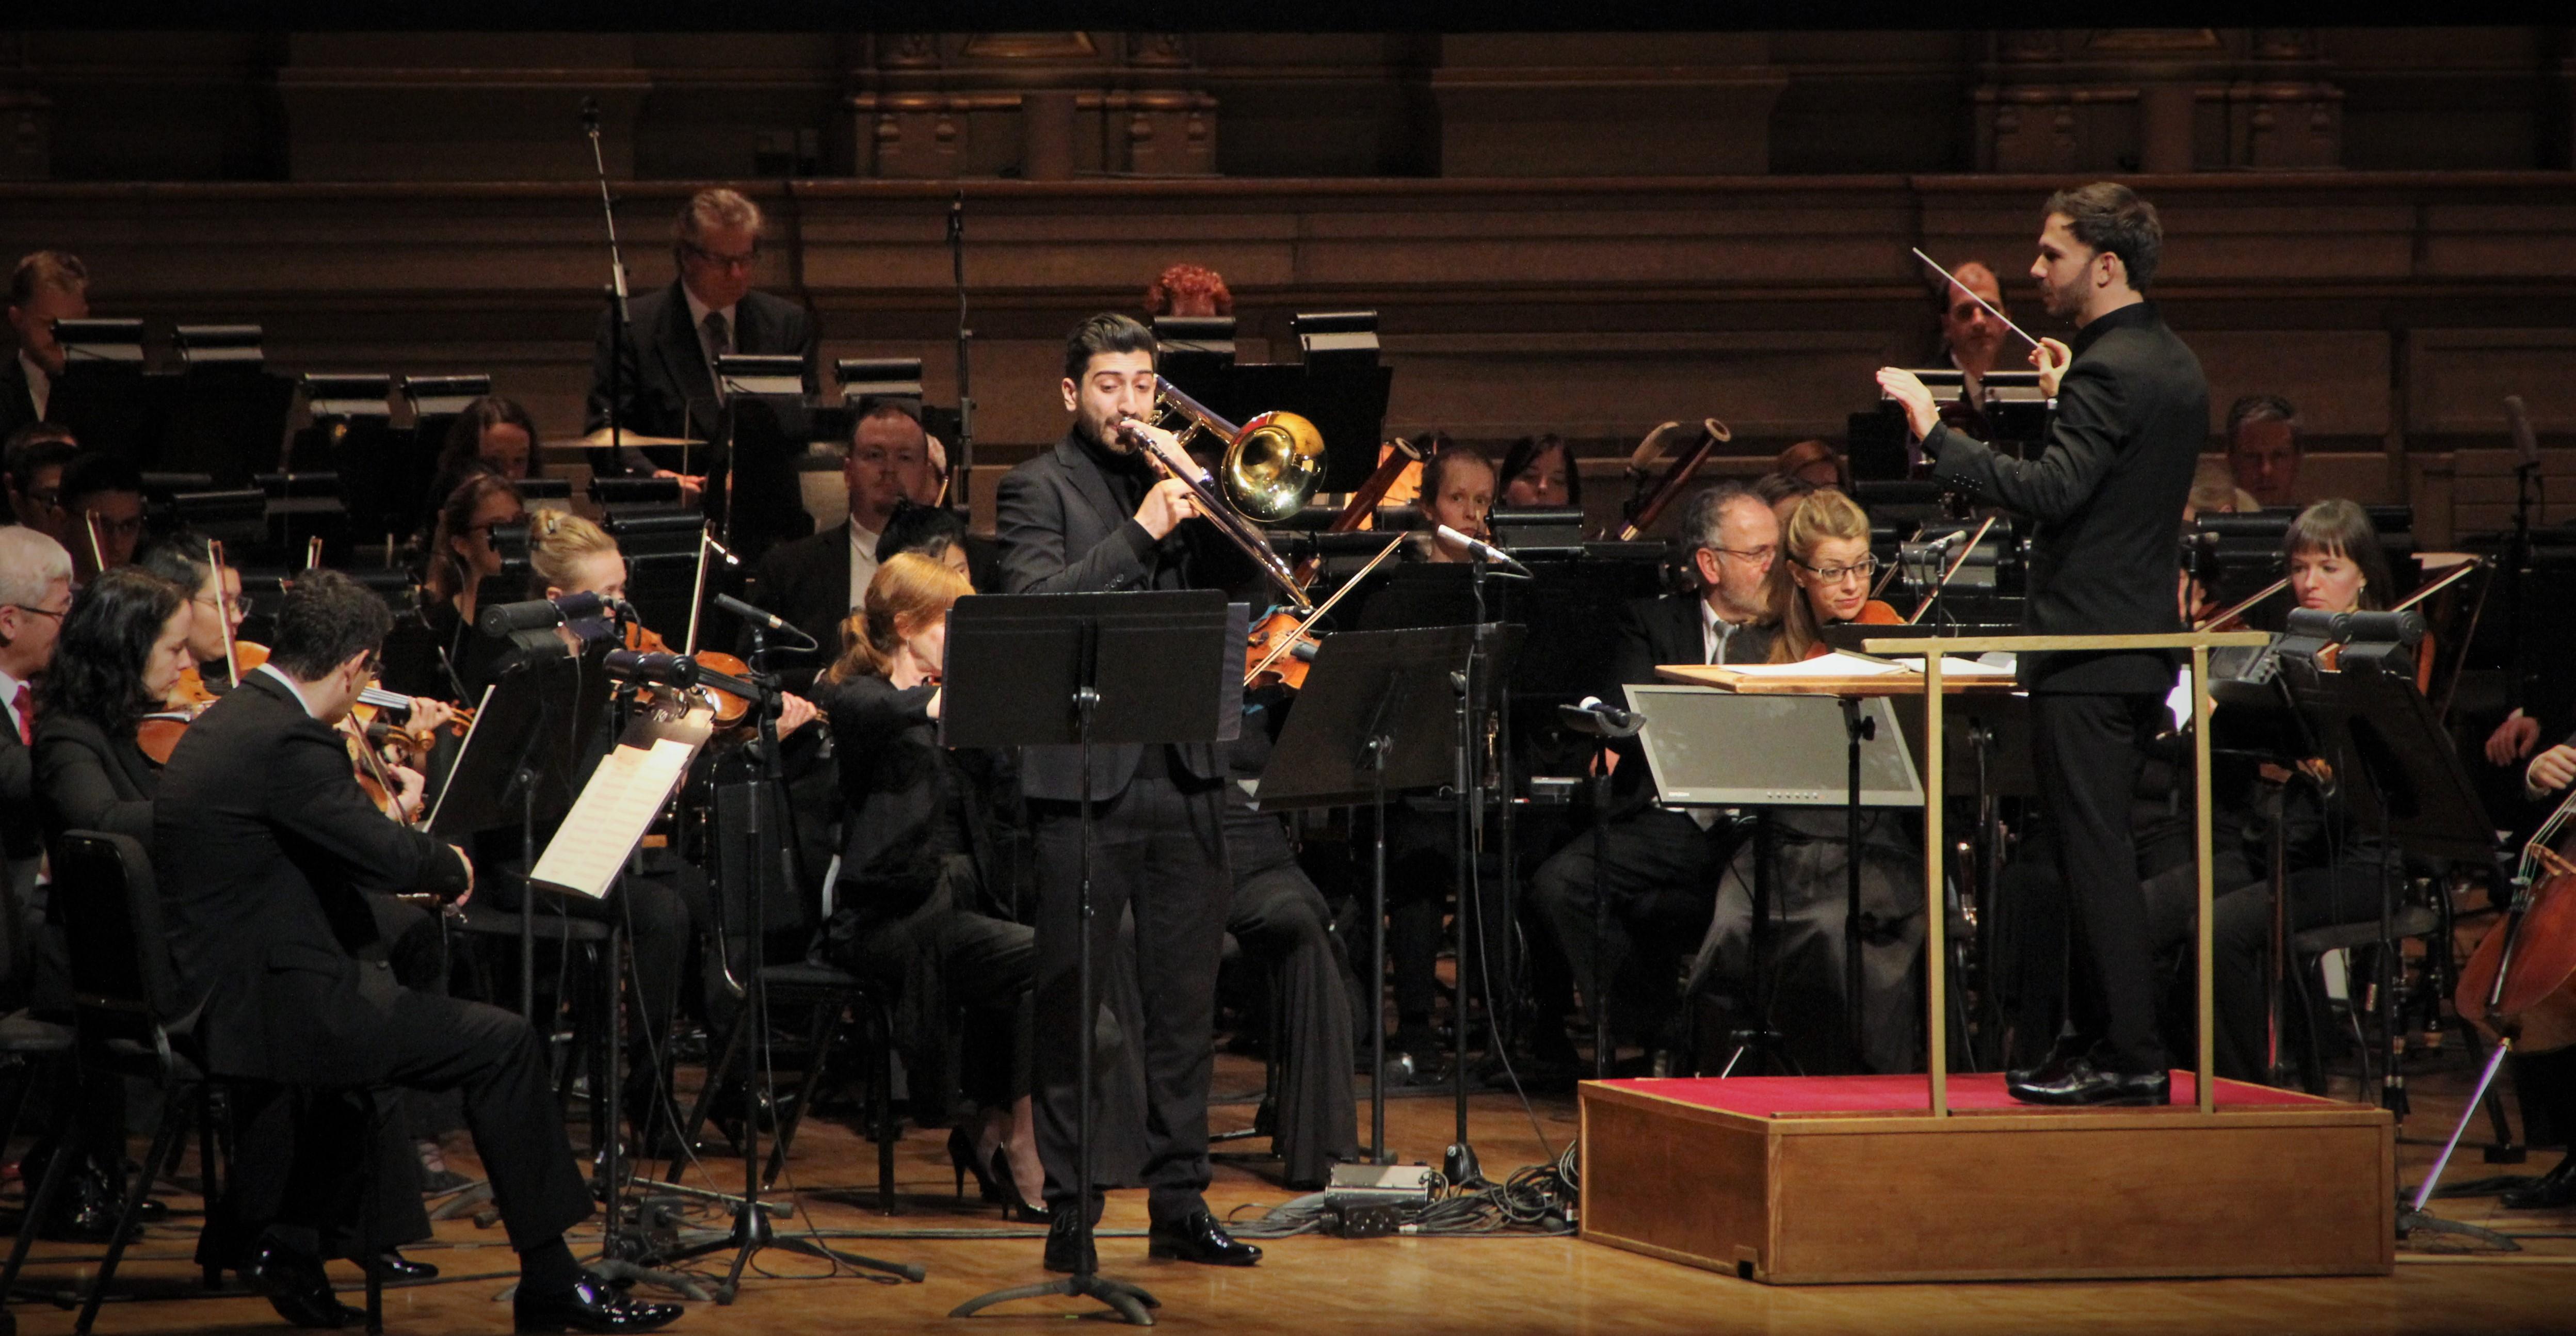 Rimsky Korsakov with VSO